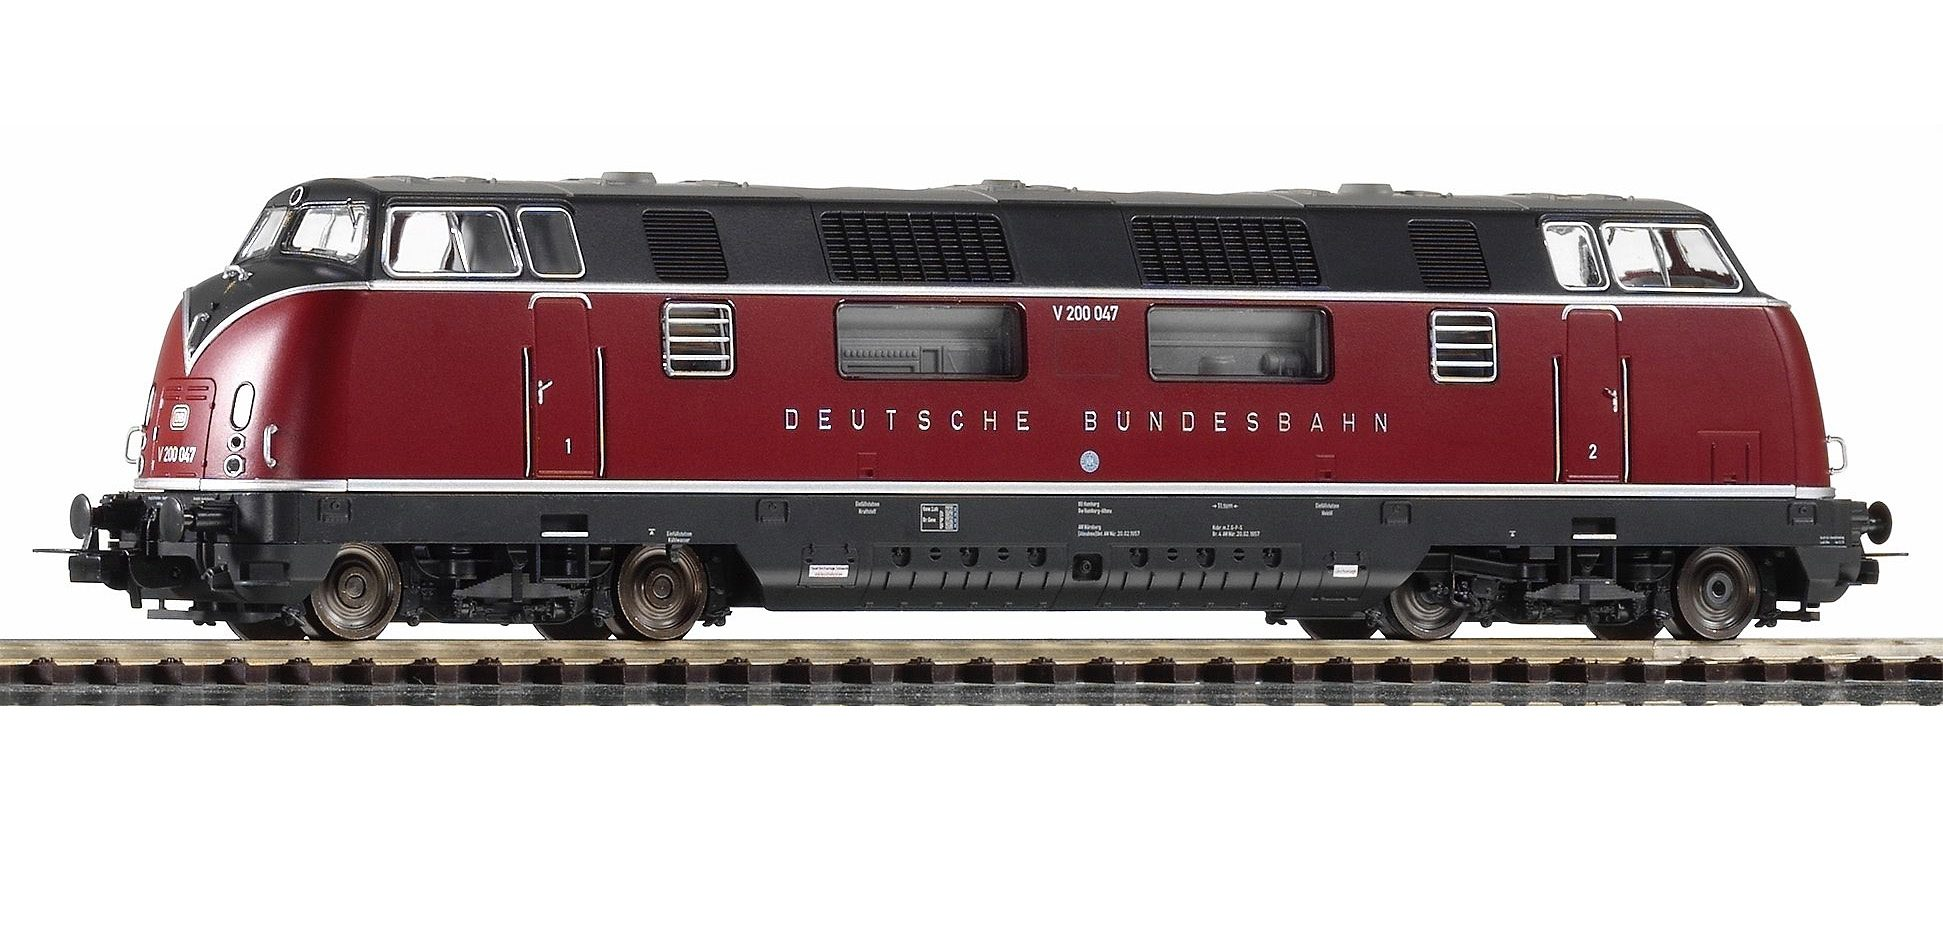 PIKO Diesellok, »Diesellokomotive V 200.0, DB - Gleichstrom« Spur H0